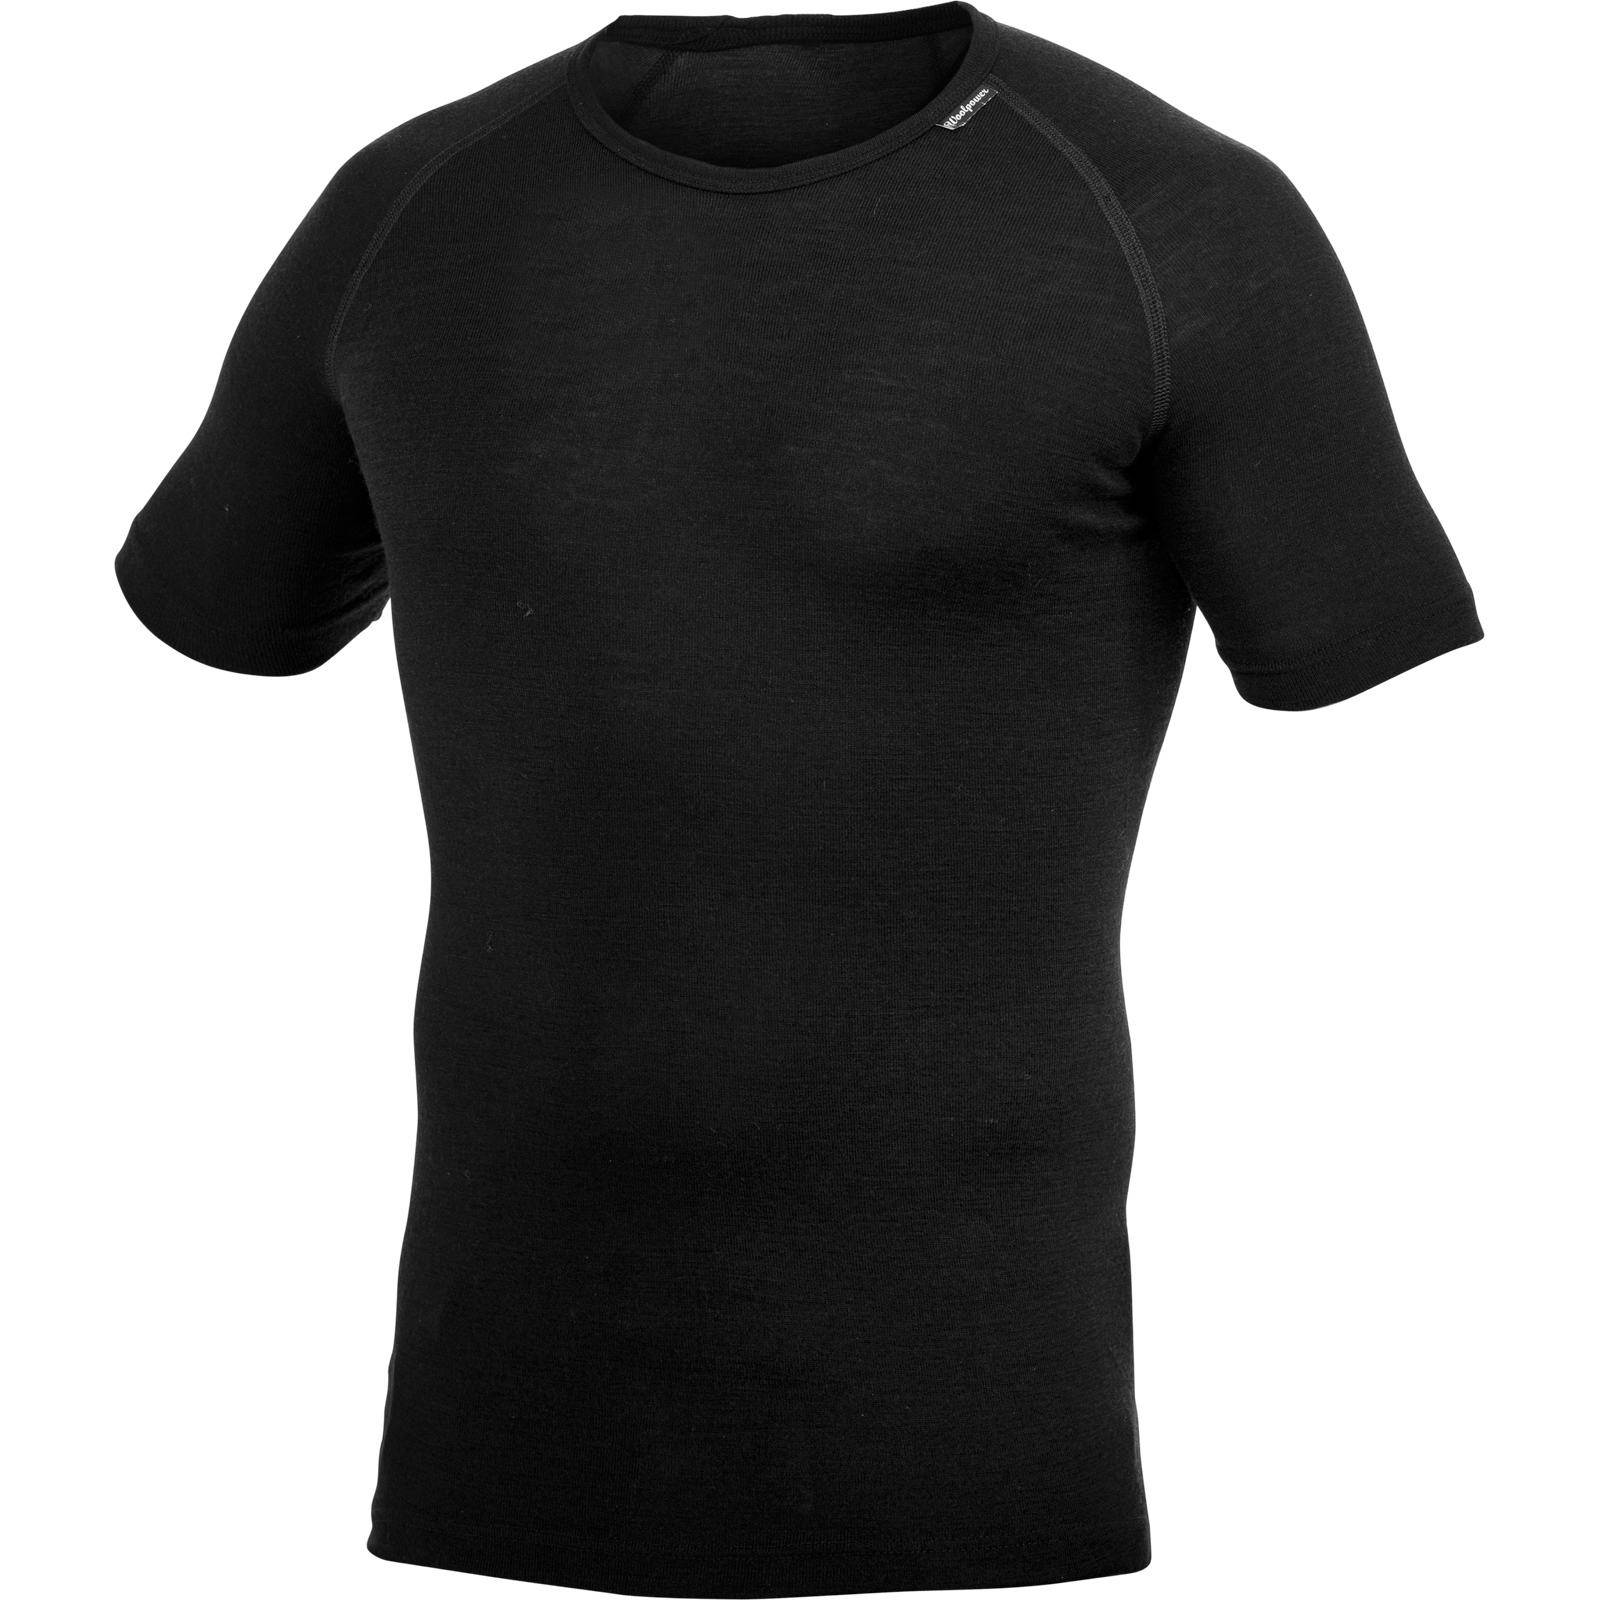 Woolpower T-Shirt Lite black - Bild 1